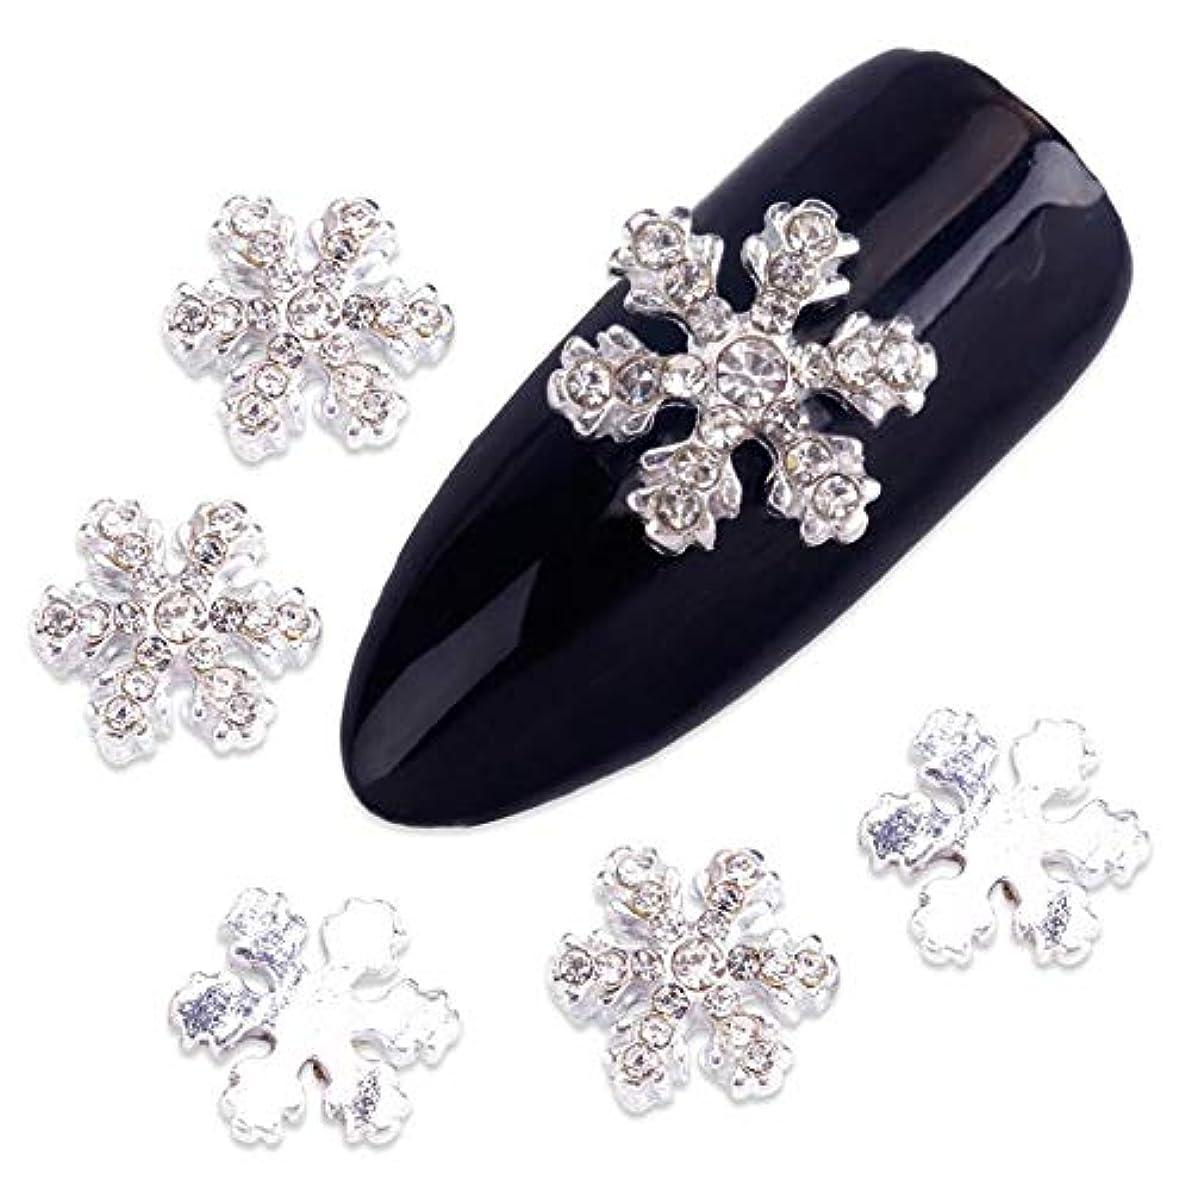 咽頭振り子王室釘のために10個入り/ロット3Dクリスマスネイルアートの装飾銀合金スノーフレークデザインの装飾のクリスタルラインストーン